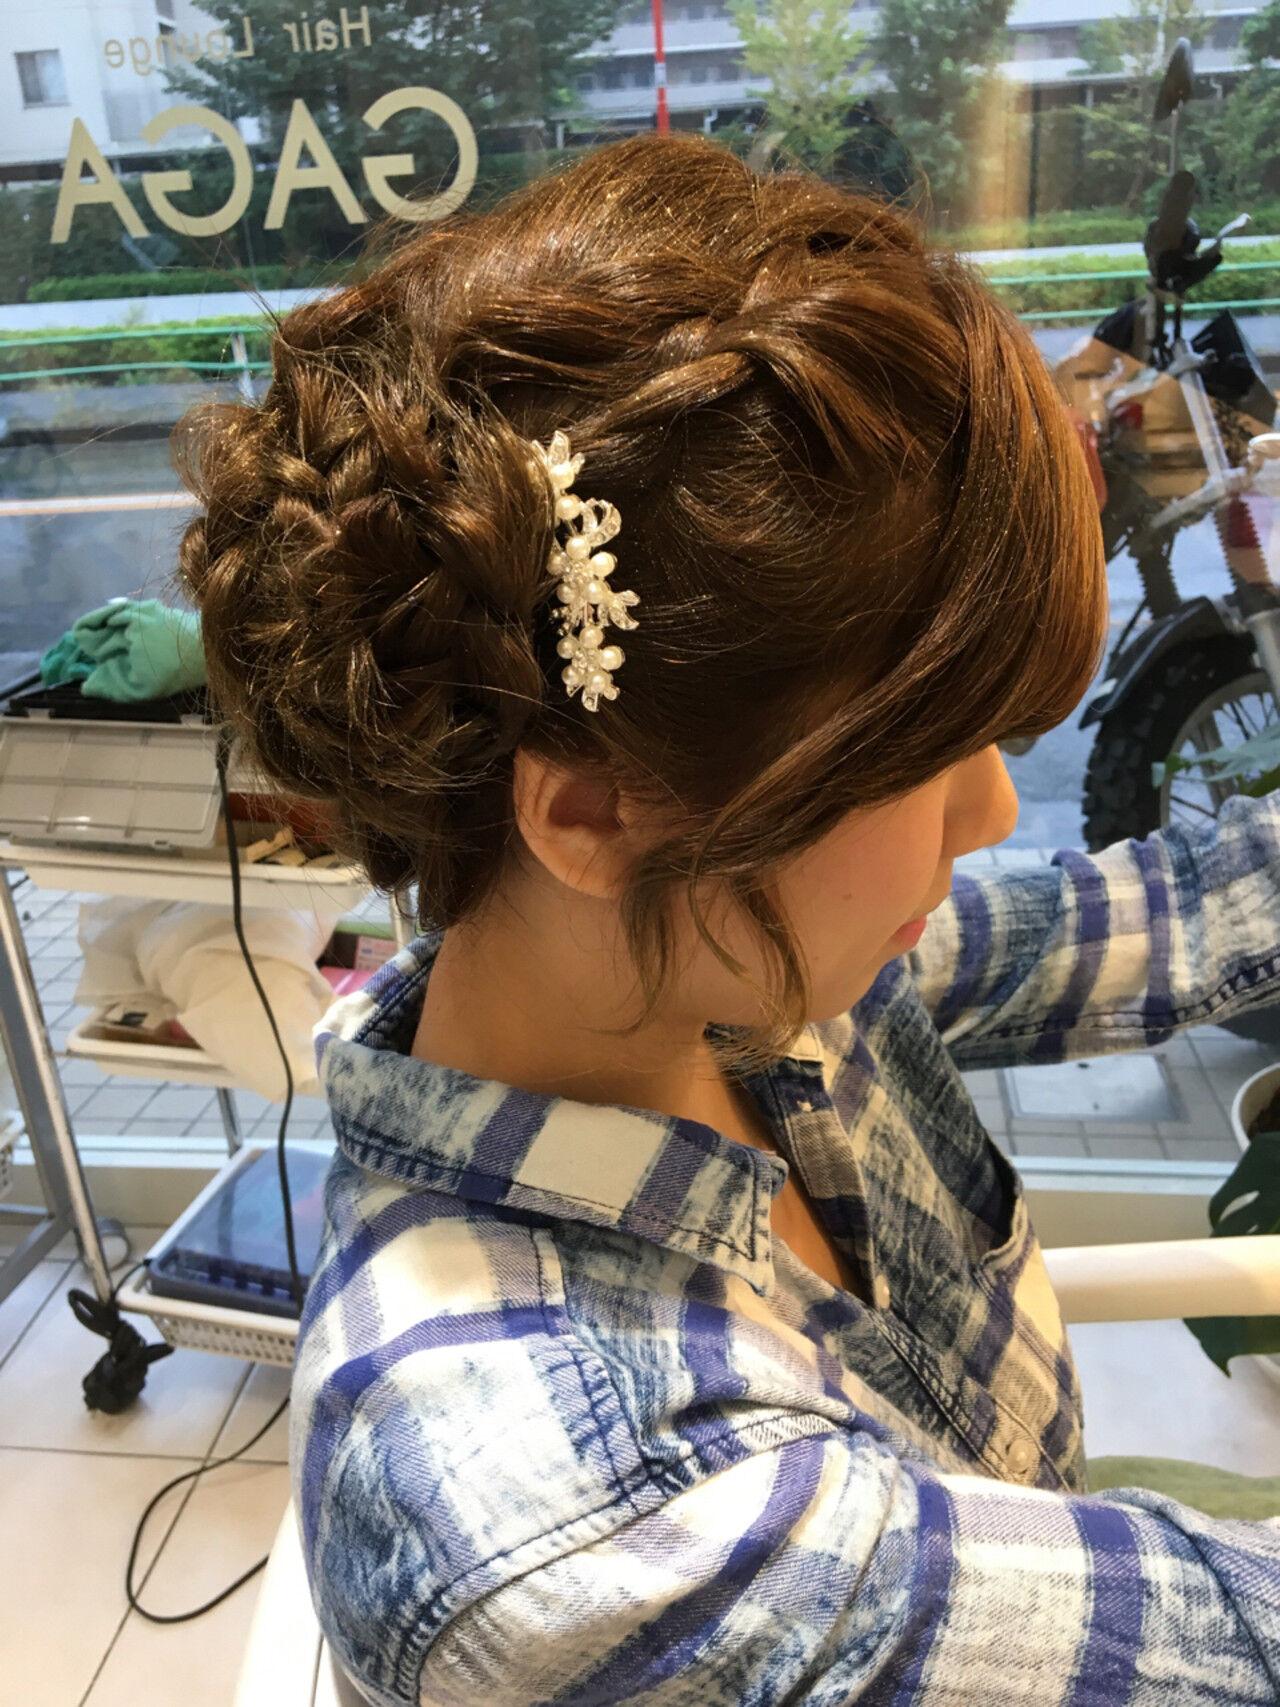 ショート お団子 三つ編み ハーフアップヘアスタイルや髪型の写真・画像